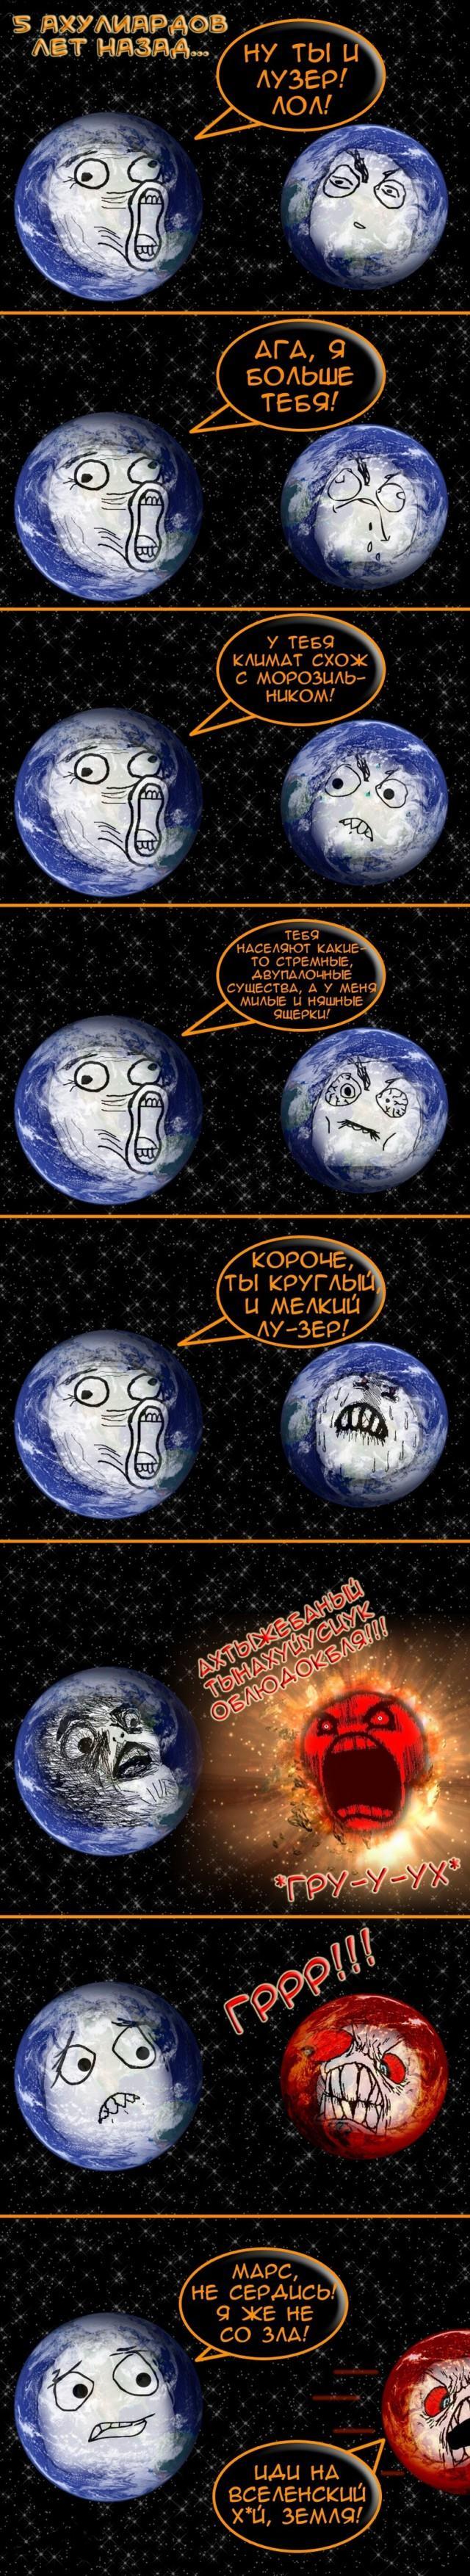 Комикс про Землю и Марс